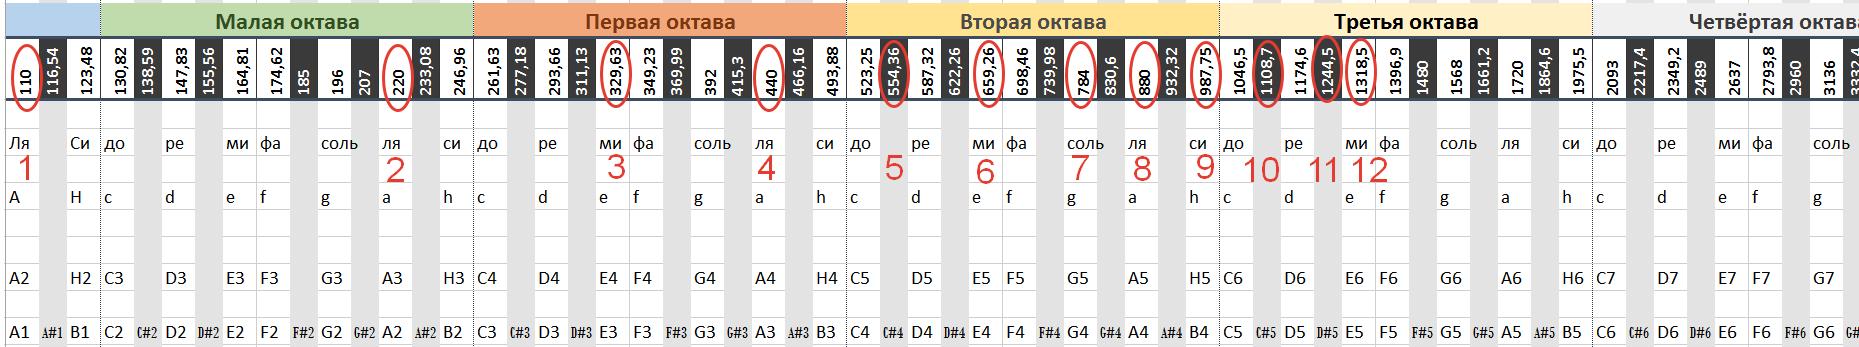 частоты нот в равномерной темперации | Основы гармонии и функциональности в музыке